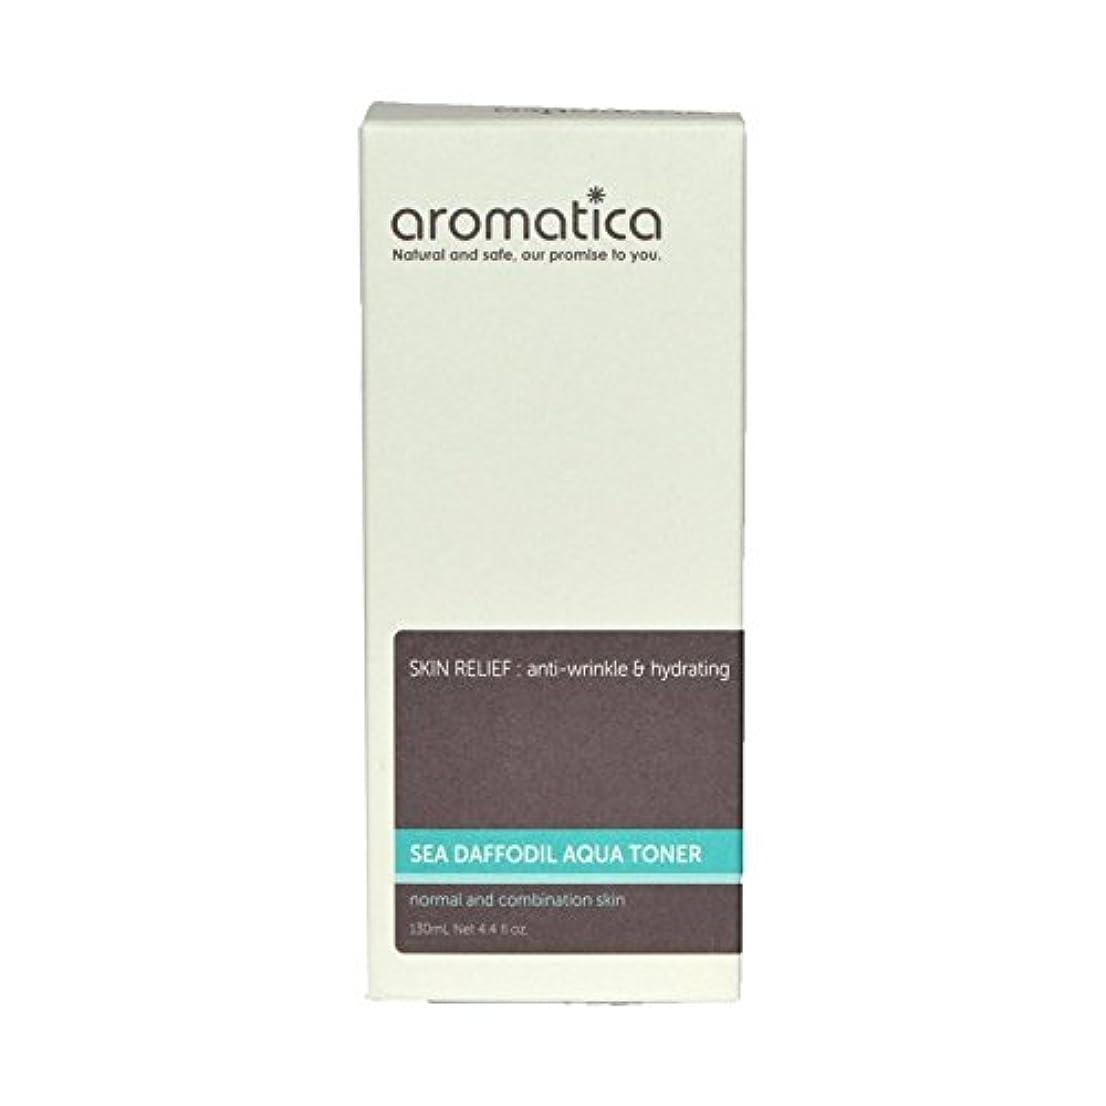 海スイセンアクアトナー130ミリリットル x2 - aromatica Sea Daffodil Aqua Toner 130ml (Pack of 2) [並行輸入品]